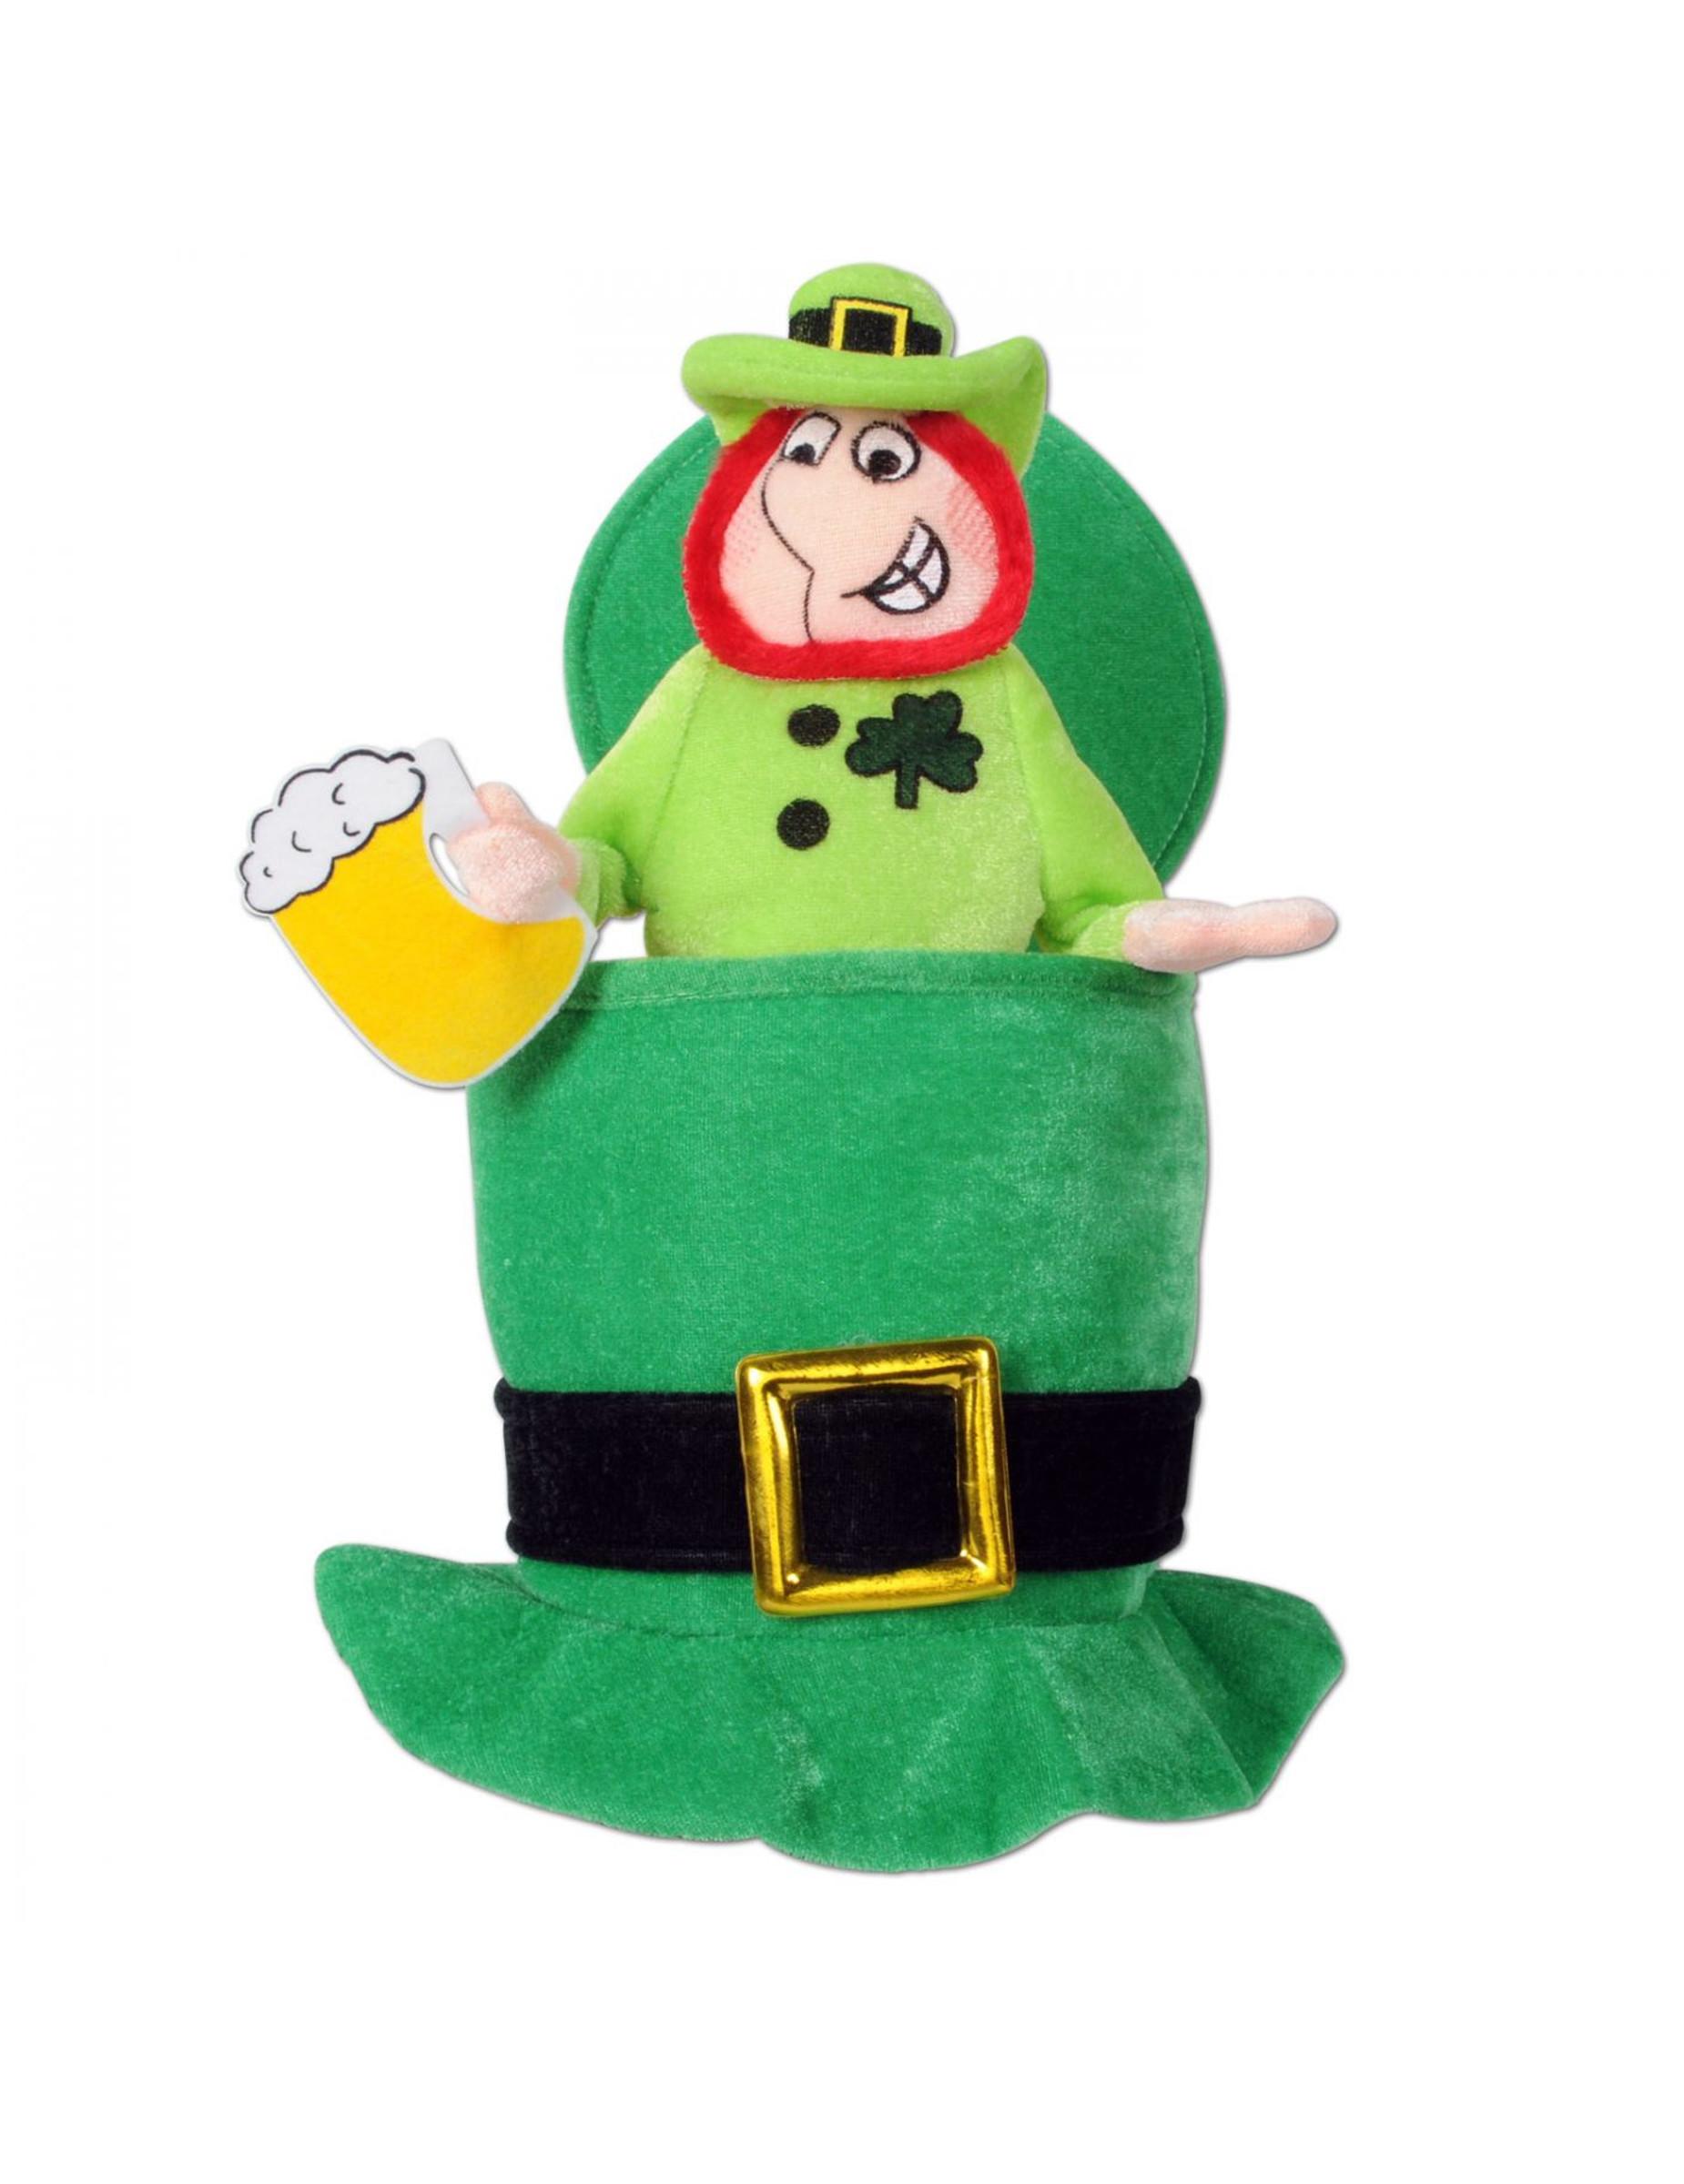 Witziger St.-Patrick's-Day-Hut betrunkener Kobold grün 300275